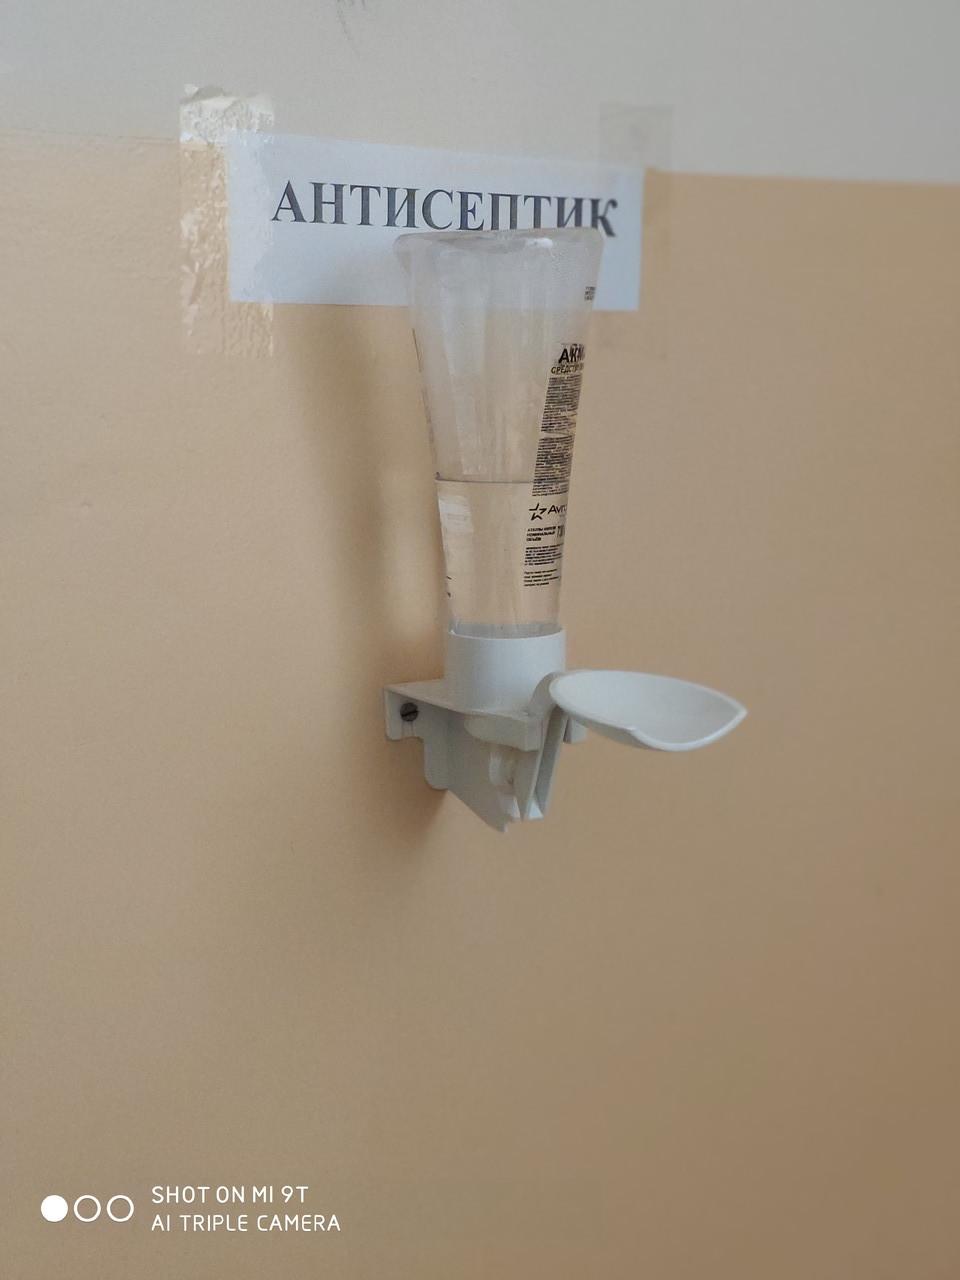 Локтевой дозатор + антисептик 730 мл